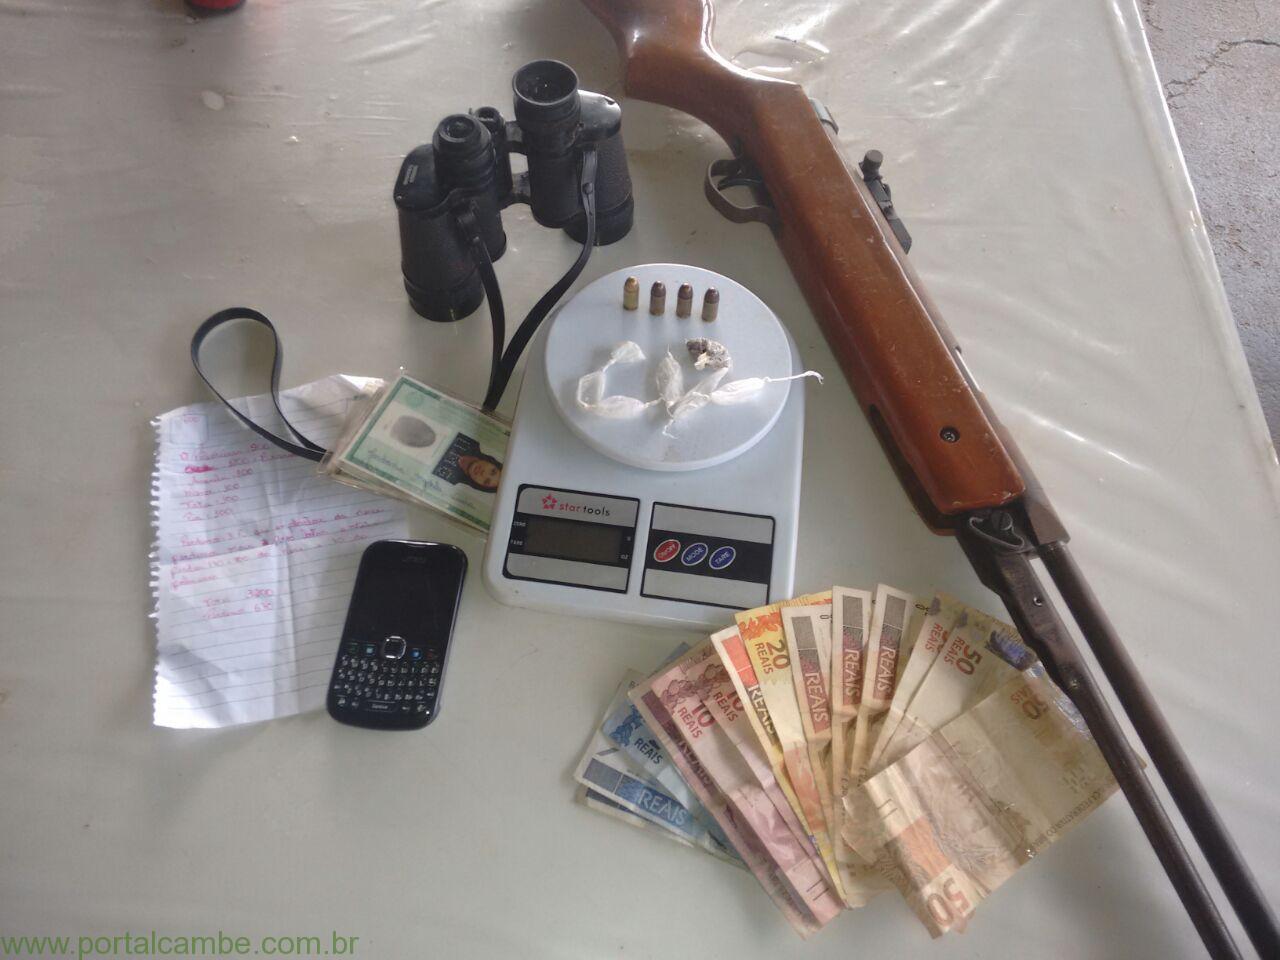 Policia Militar apreende drogas e arma no Jardim Josiane em Cambé